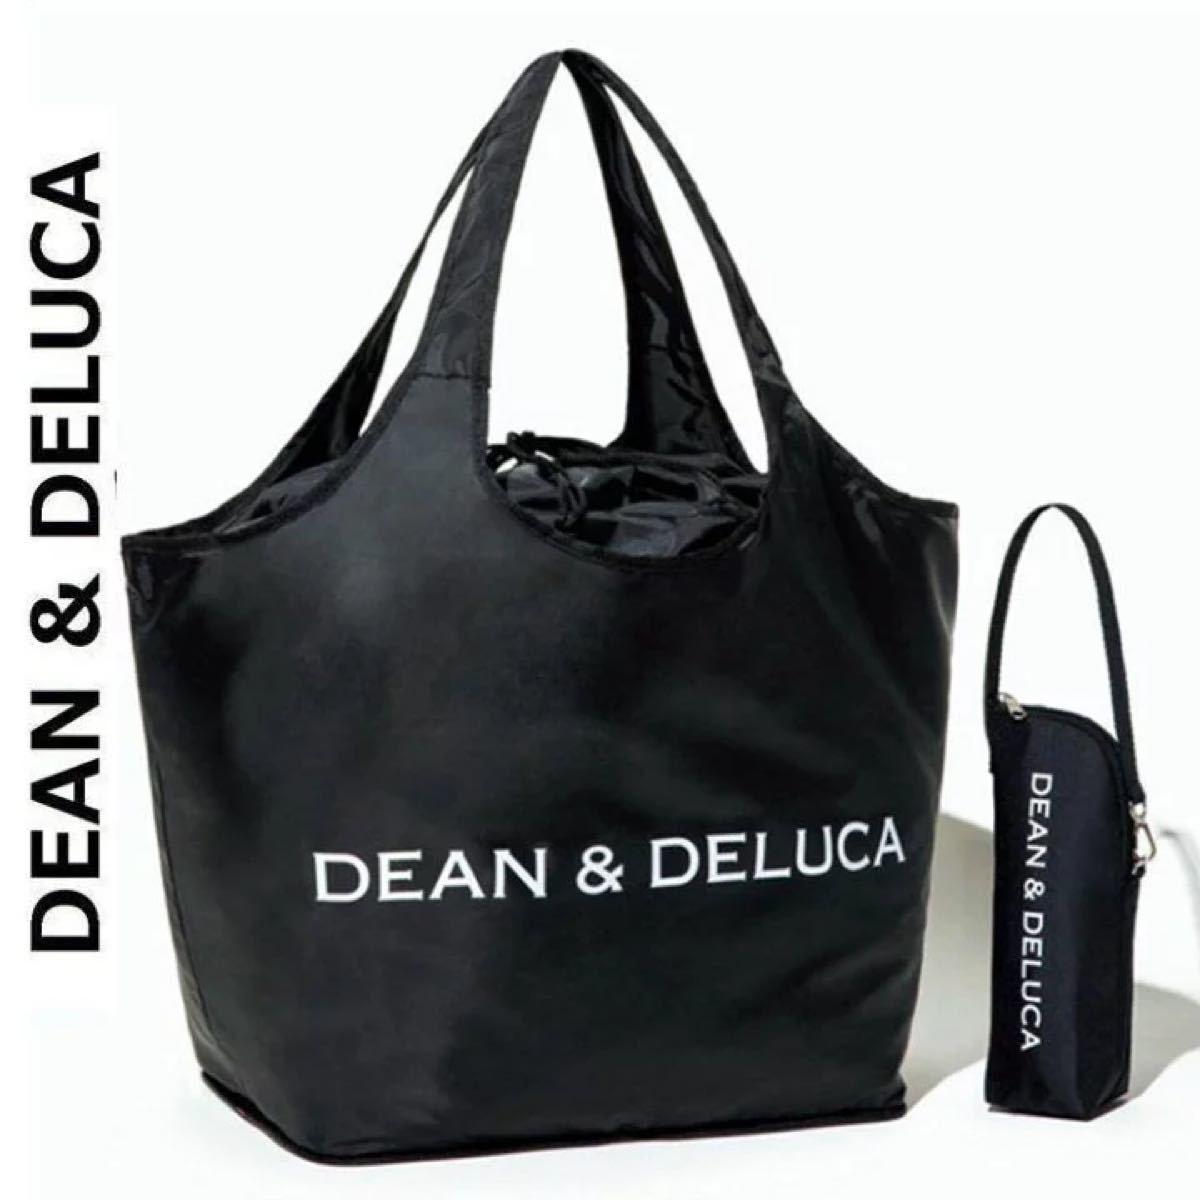 ディーン&デルーカ トートバッグ エコバッグ DEAN&DELUCA